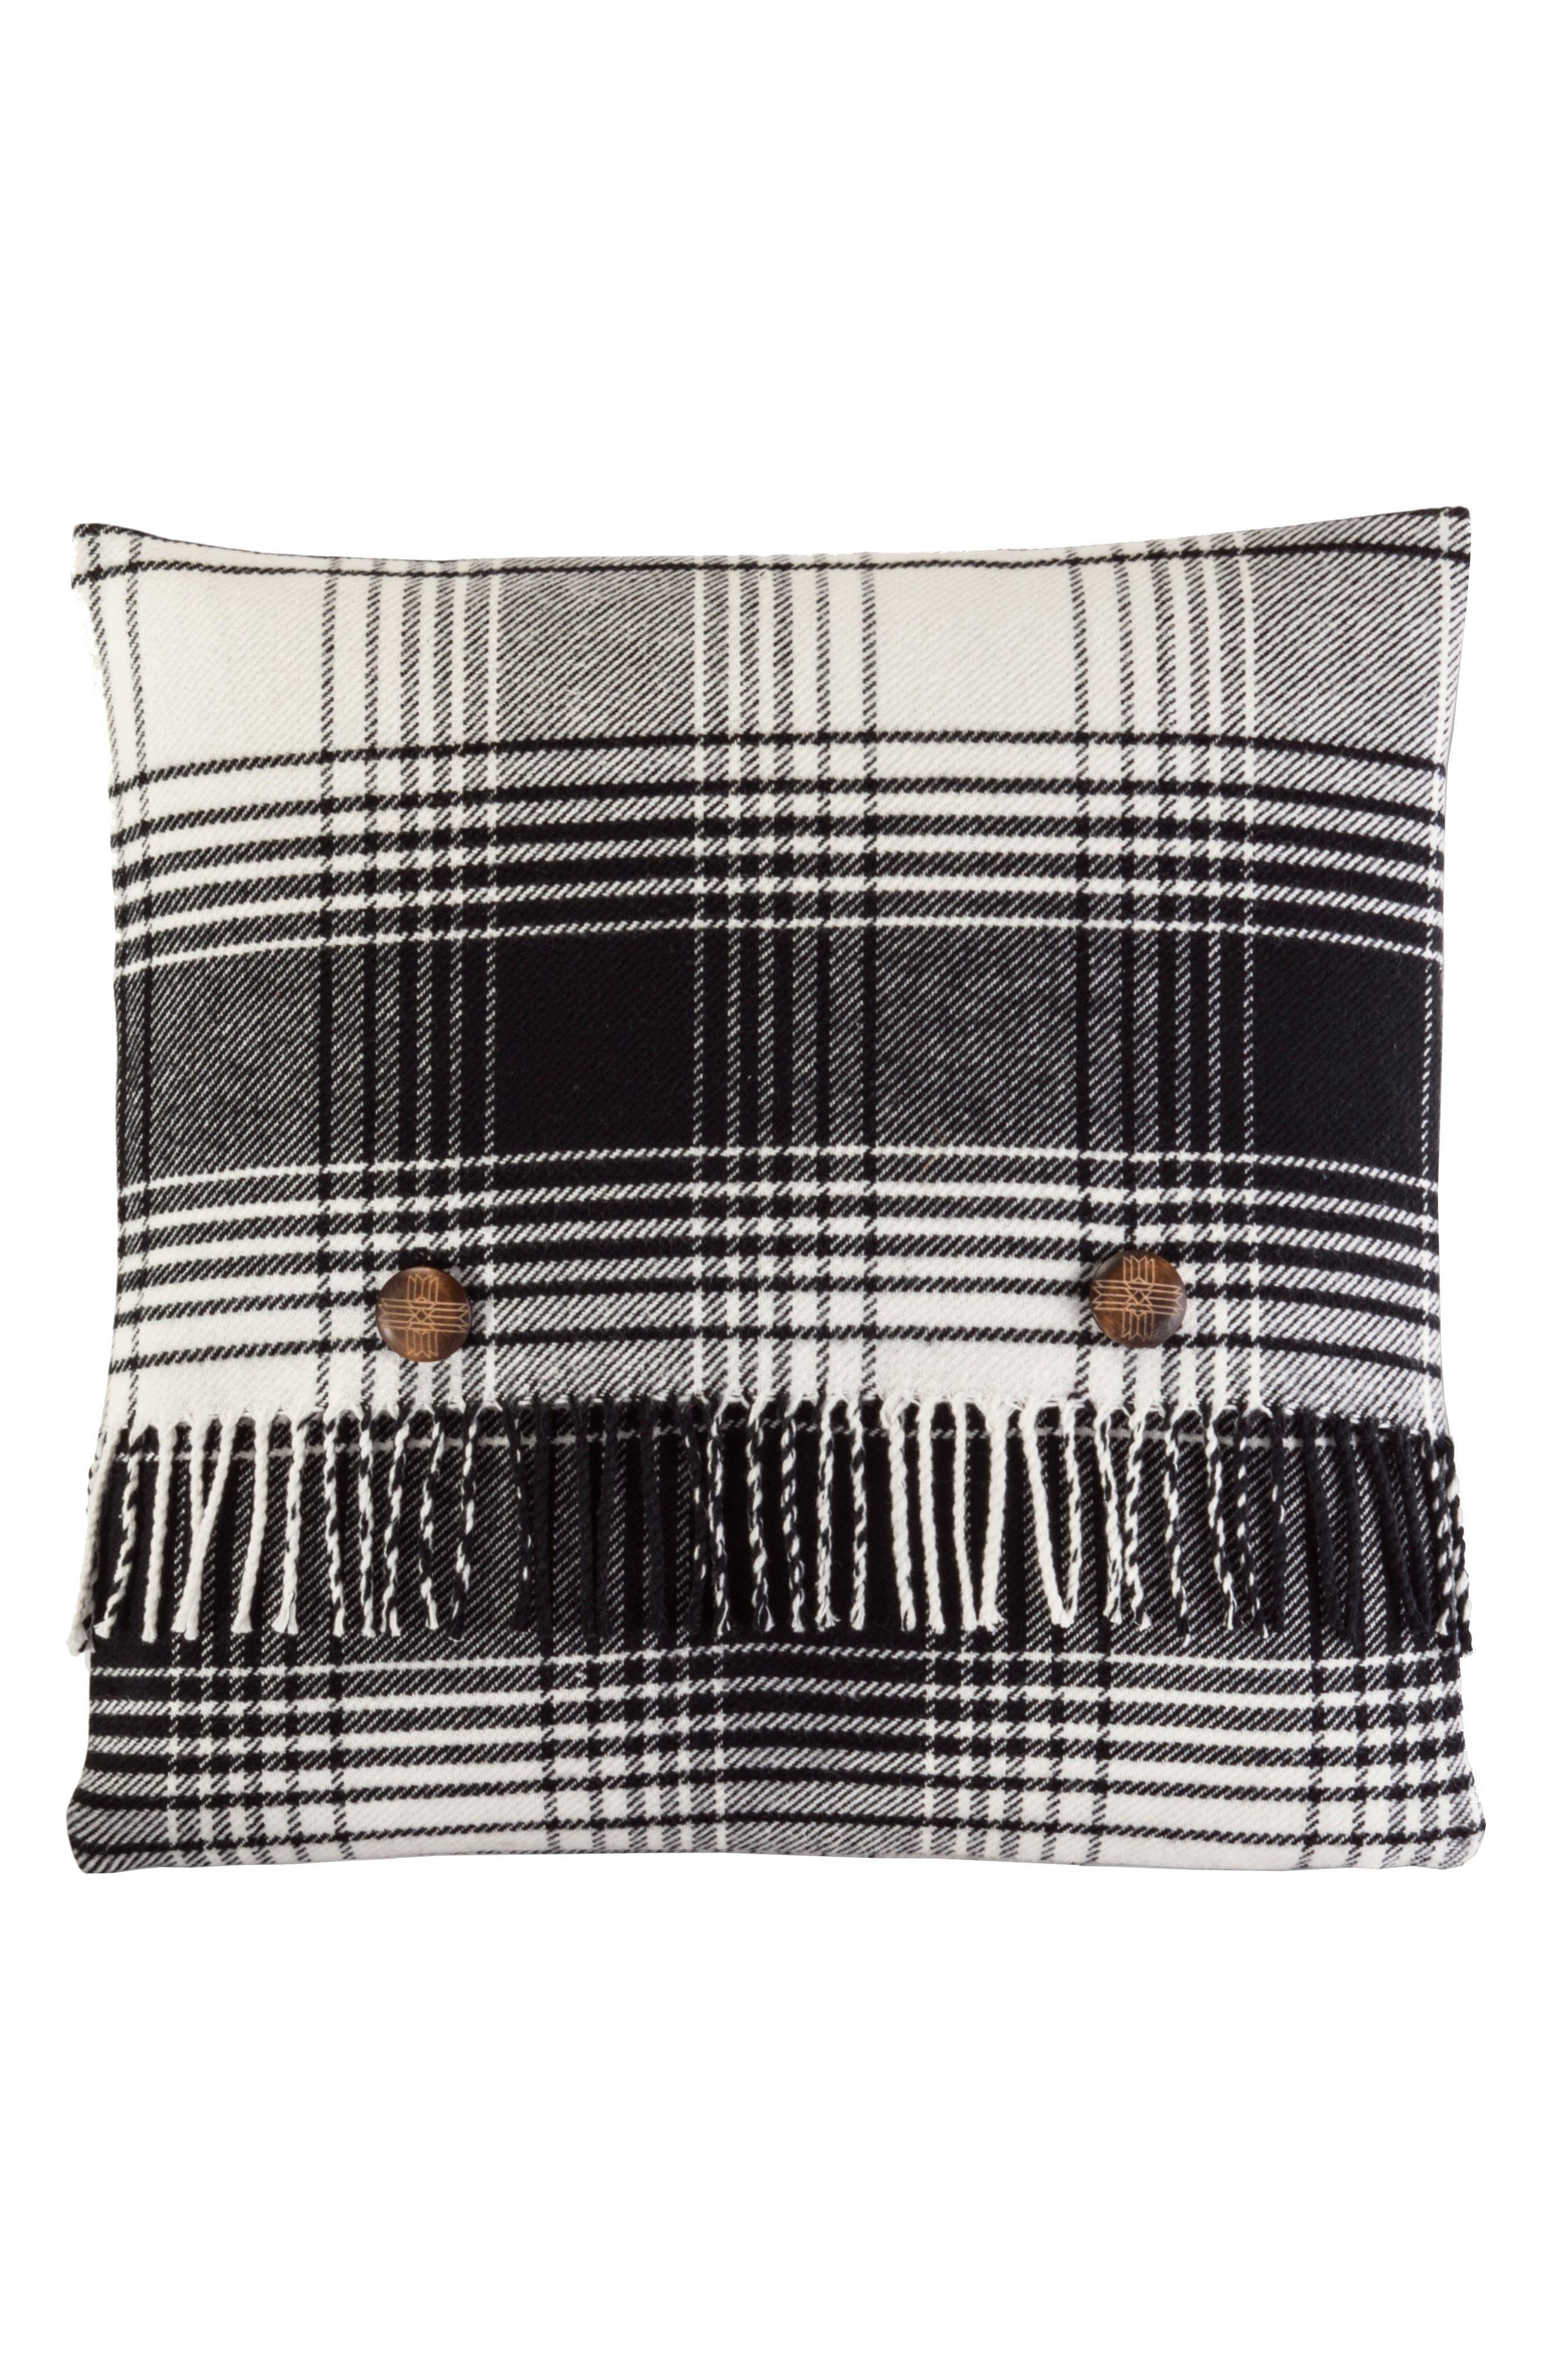 Main Image - Pendleton Warren Plaid Pillow